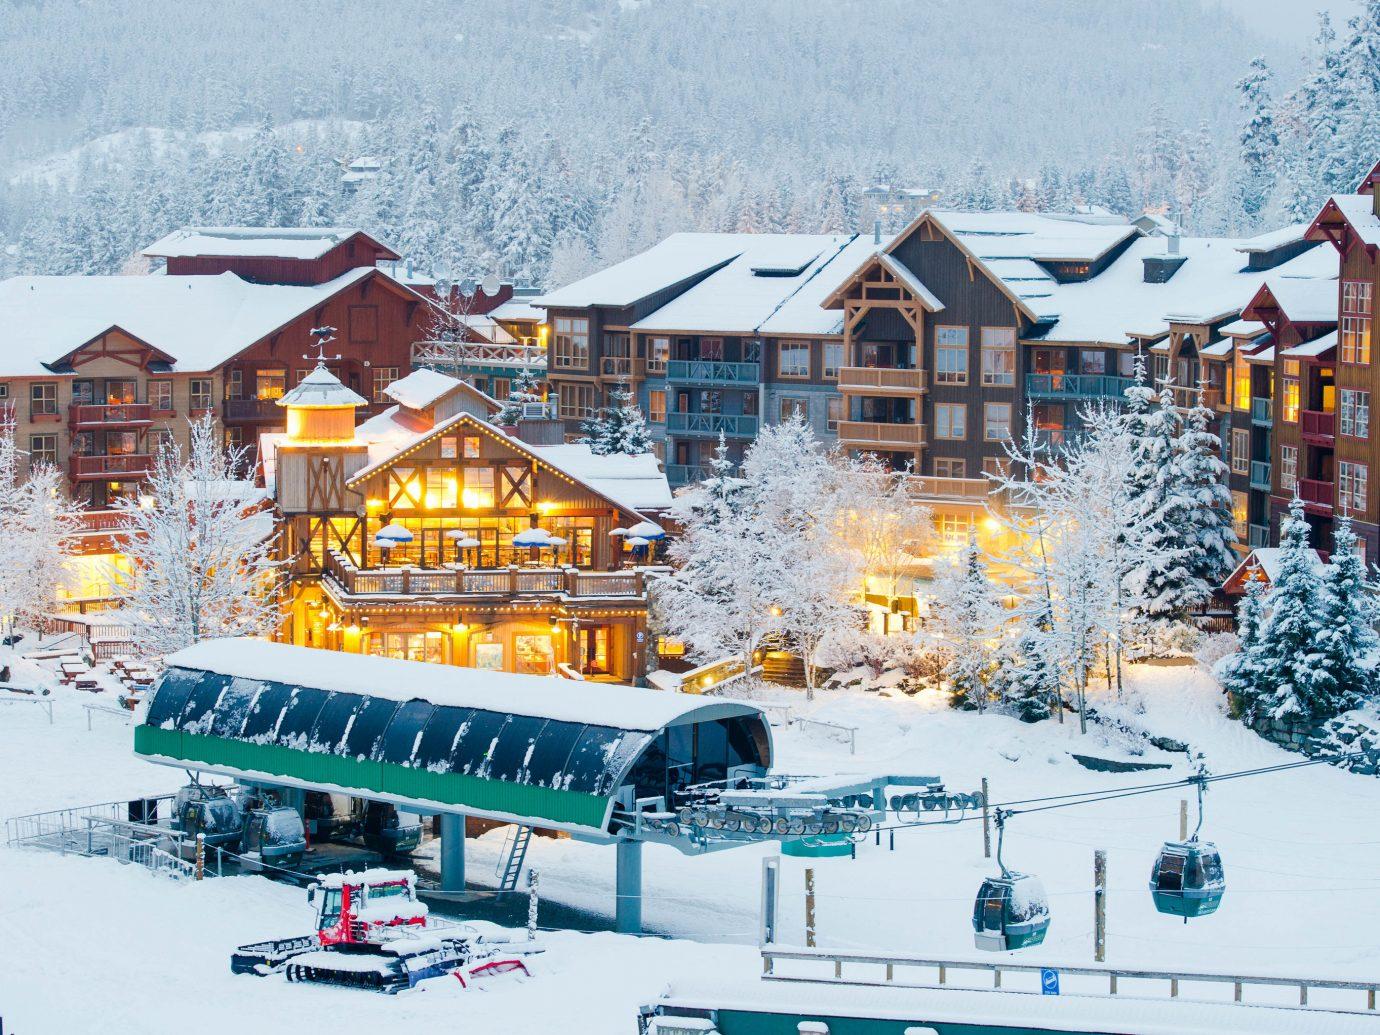 Canada Montreal Toronto Trip Ideas snow outdoor Winter mountain Town house mountain range home residential area tree alps ski resort